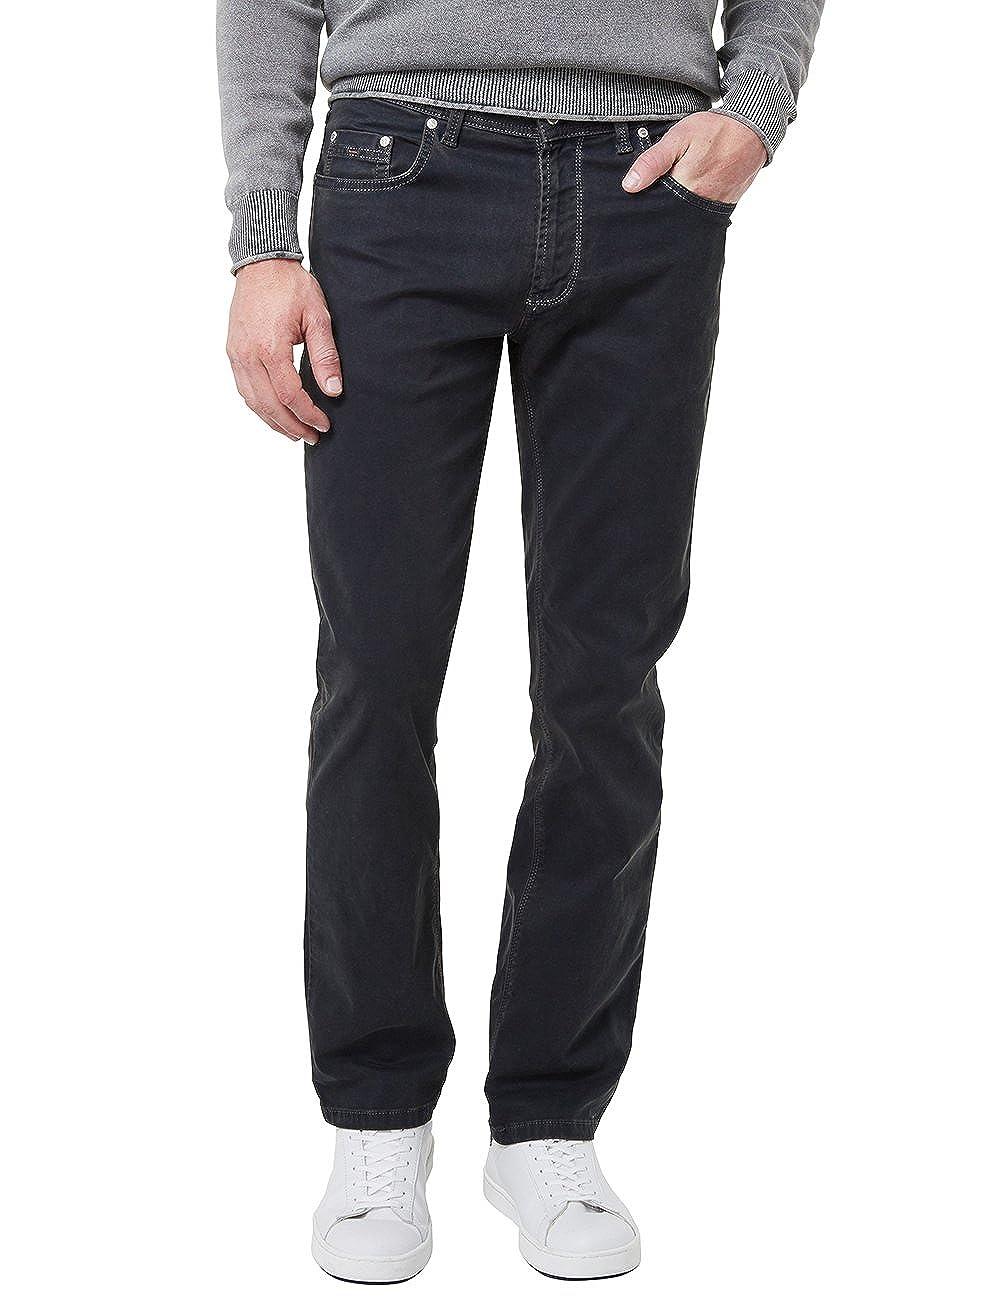 TALLA 36W / 34L. Pioneer Rando Megaflex Pantalones para Hombre